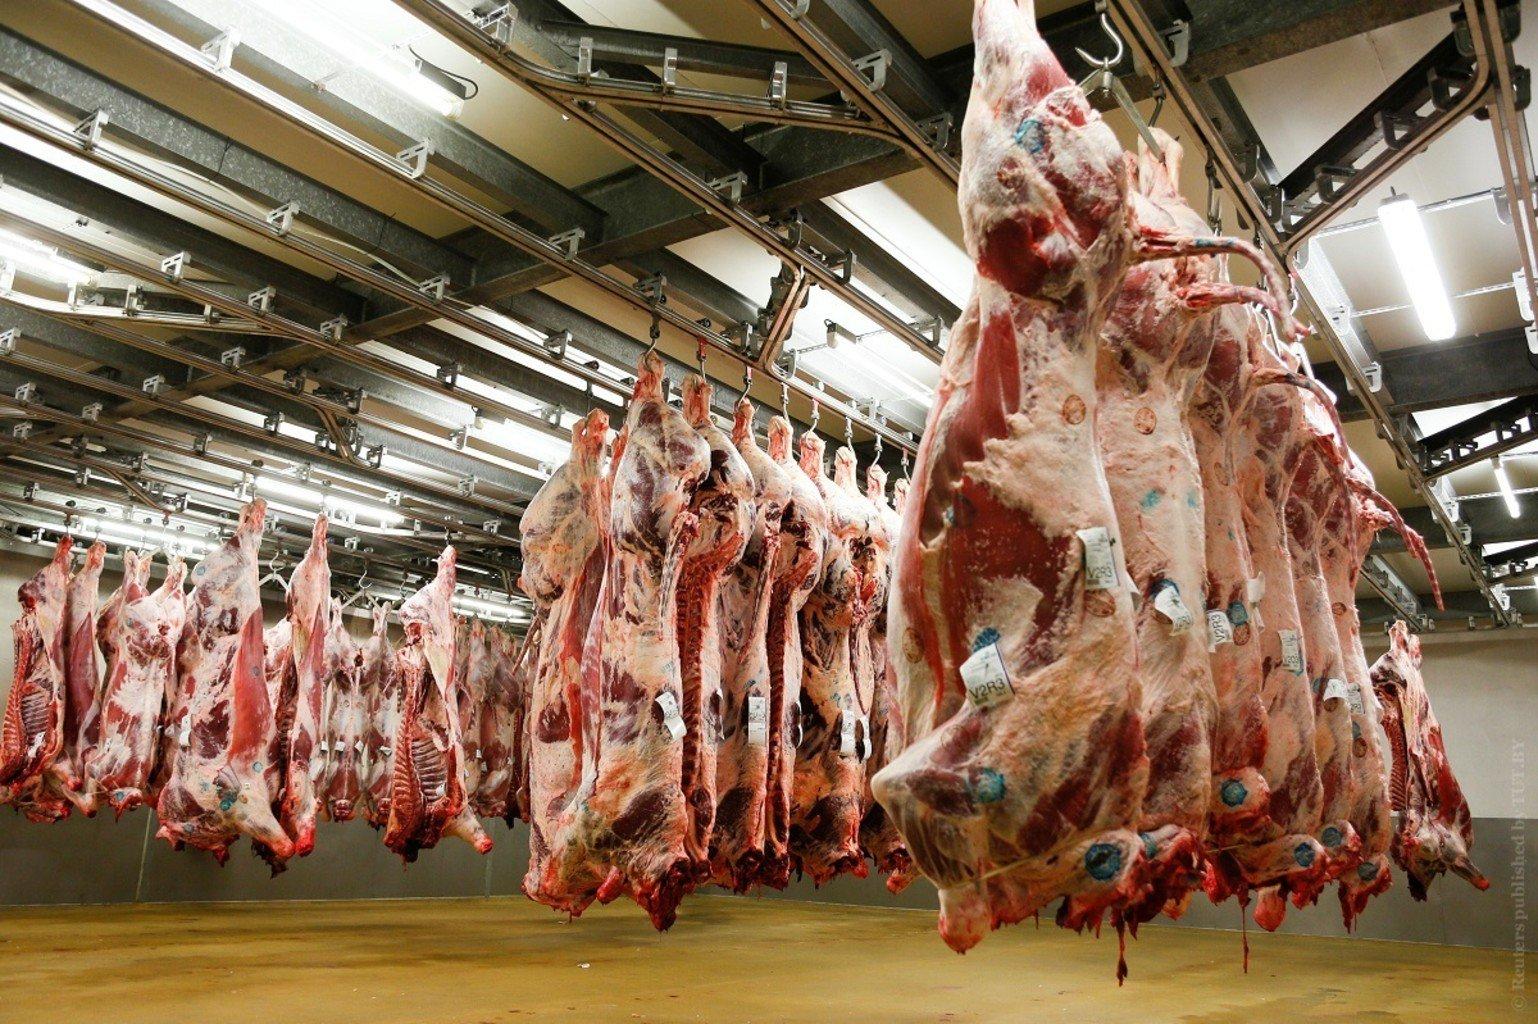 фрагмент изготовление мяса в картинках плечи спадают